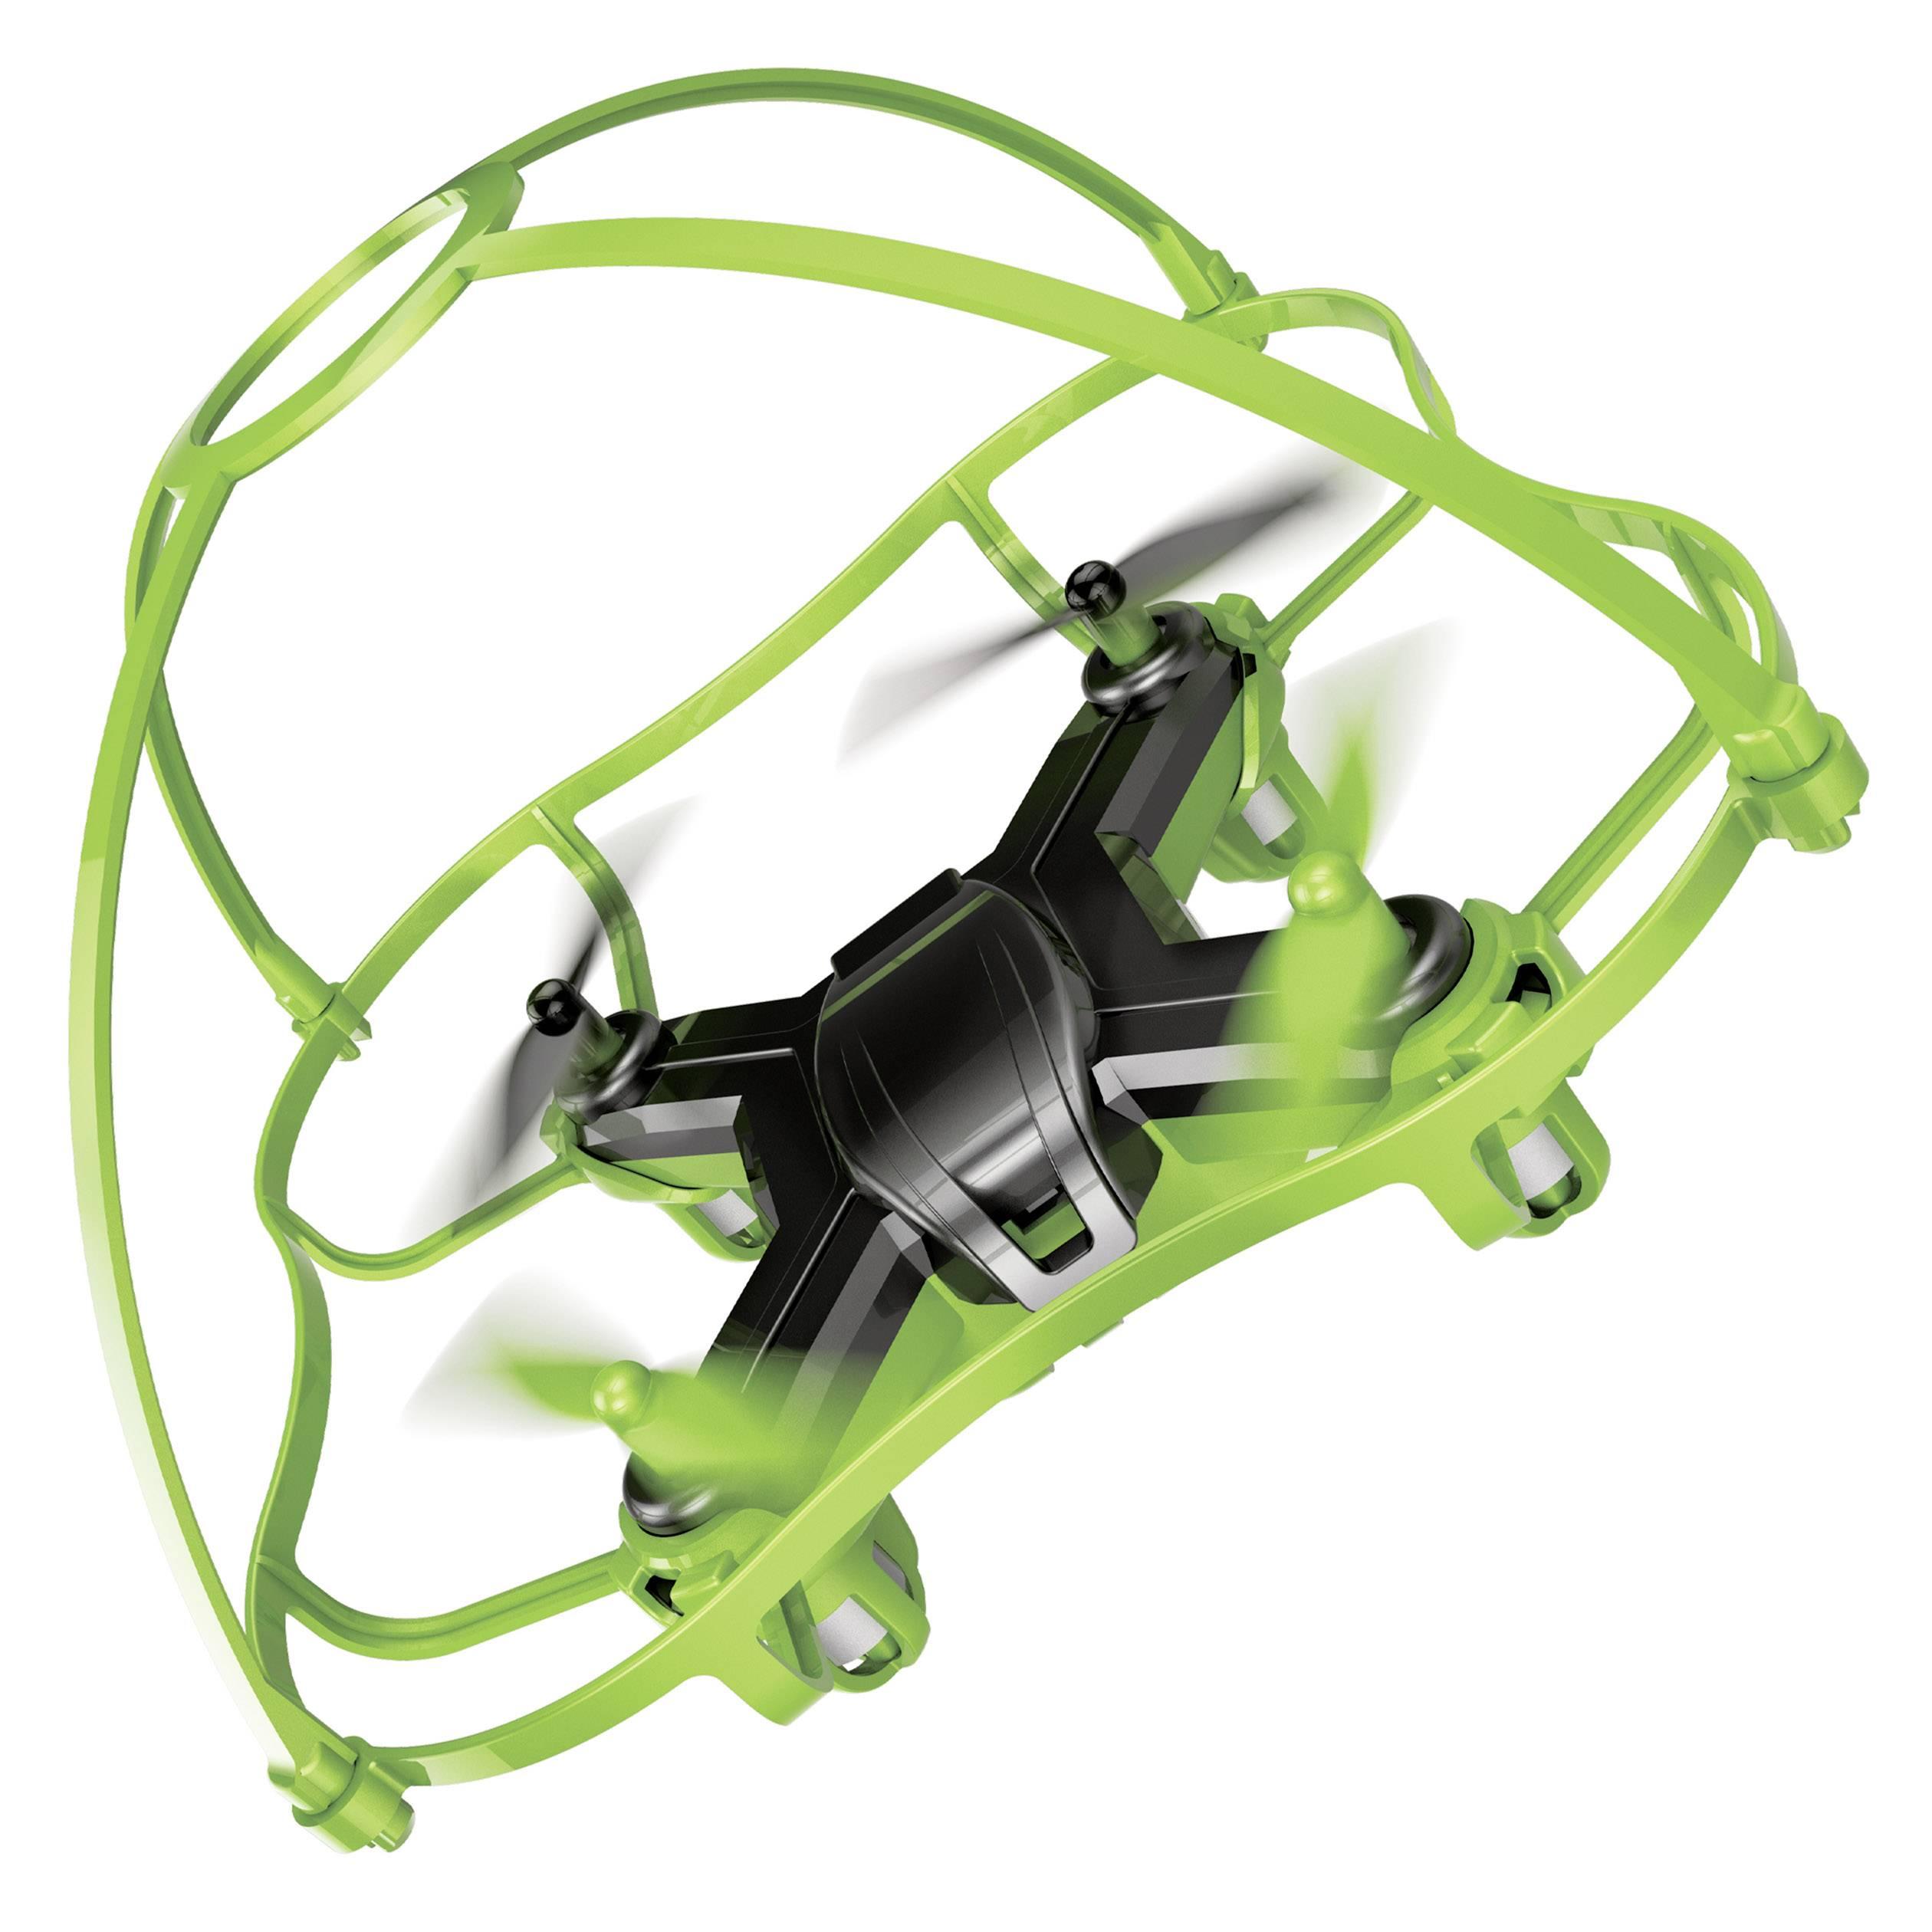 Závodní dron Air Hogs Hyper Drift Drone (Hovercraft), RtF, pro začátečníky